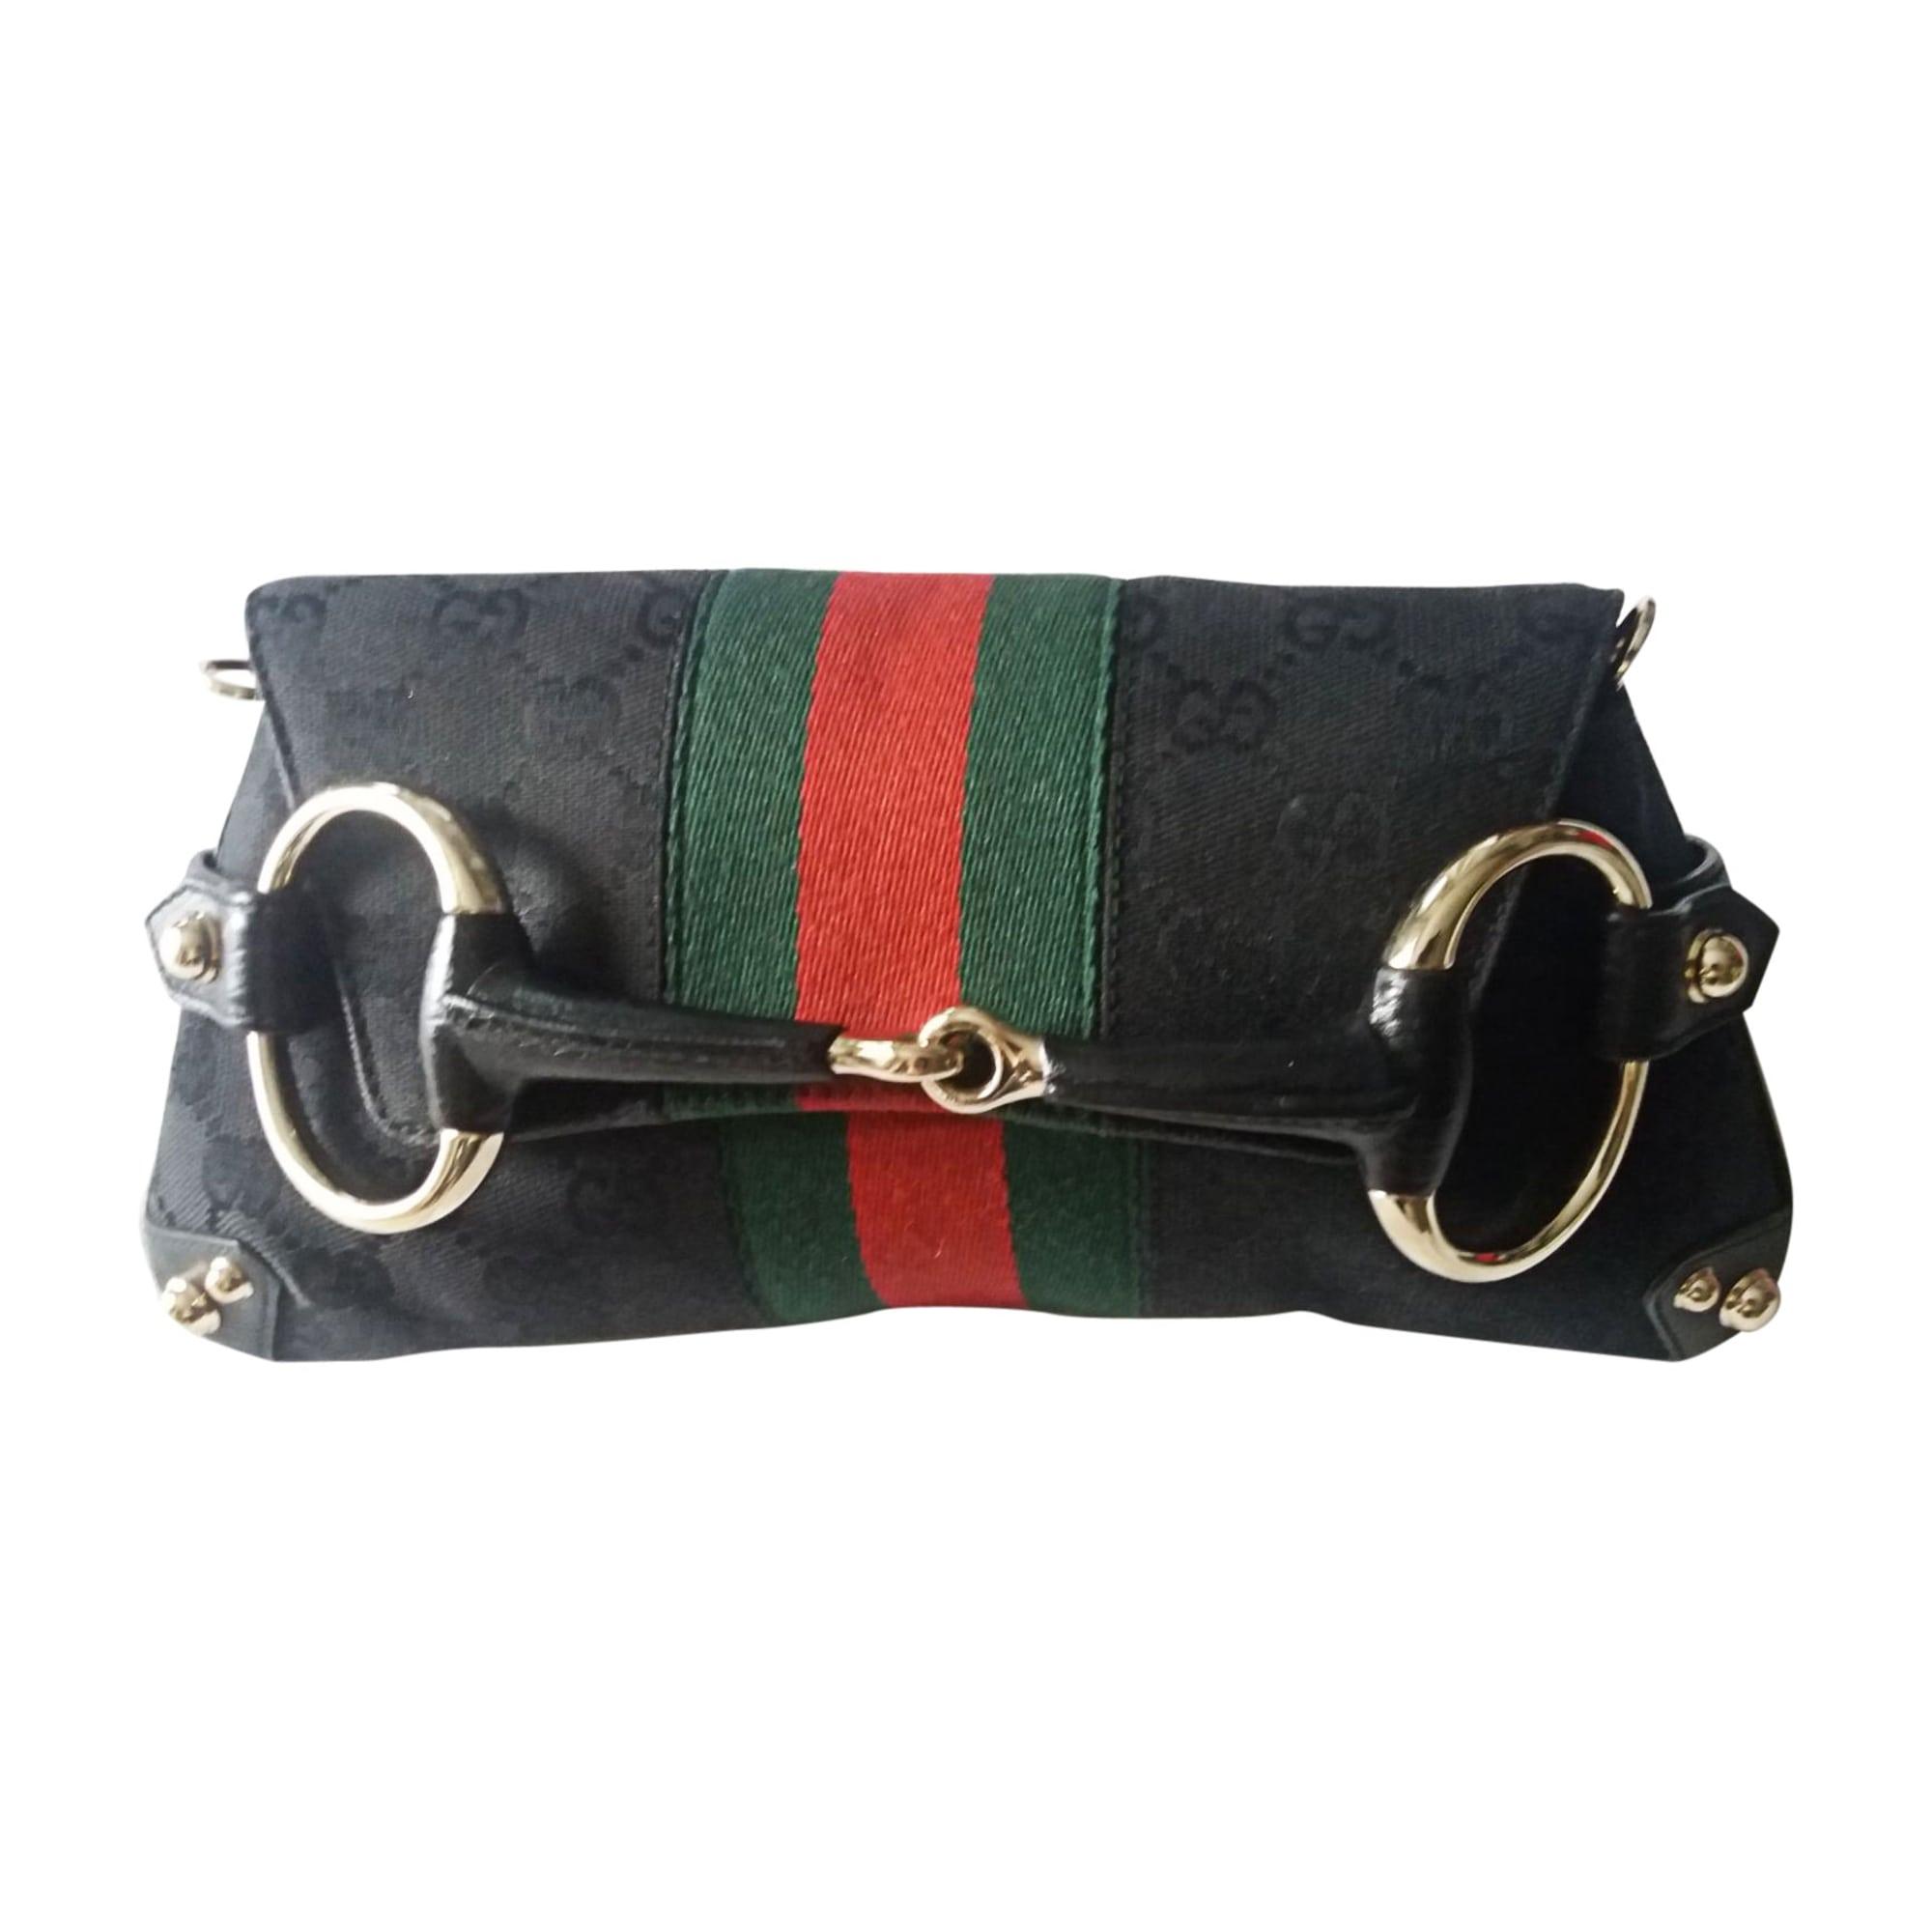 Sac pochette en cuir GUCCI indy noir vendu par France mode - 7960546 eb4f7607a54